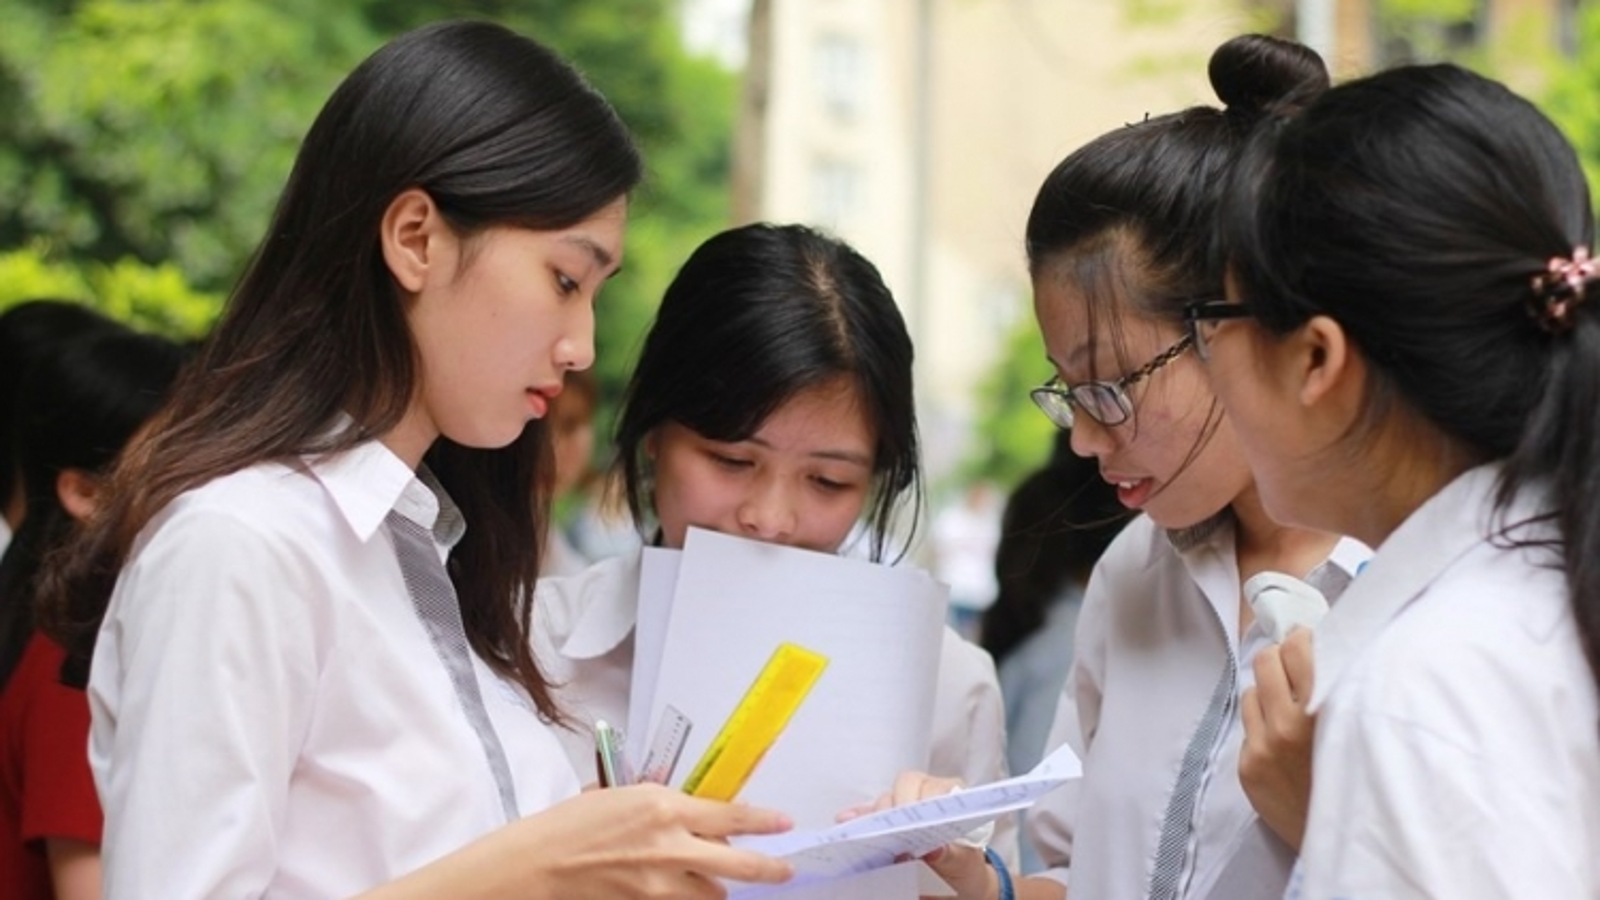 Thông tin thí sinh cần nhớ rõ trong kỳ tốt nghiệp THPT 2021